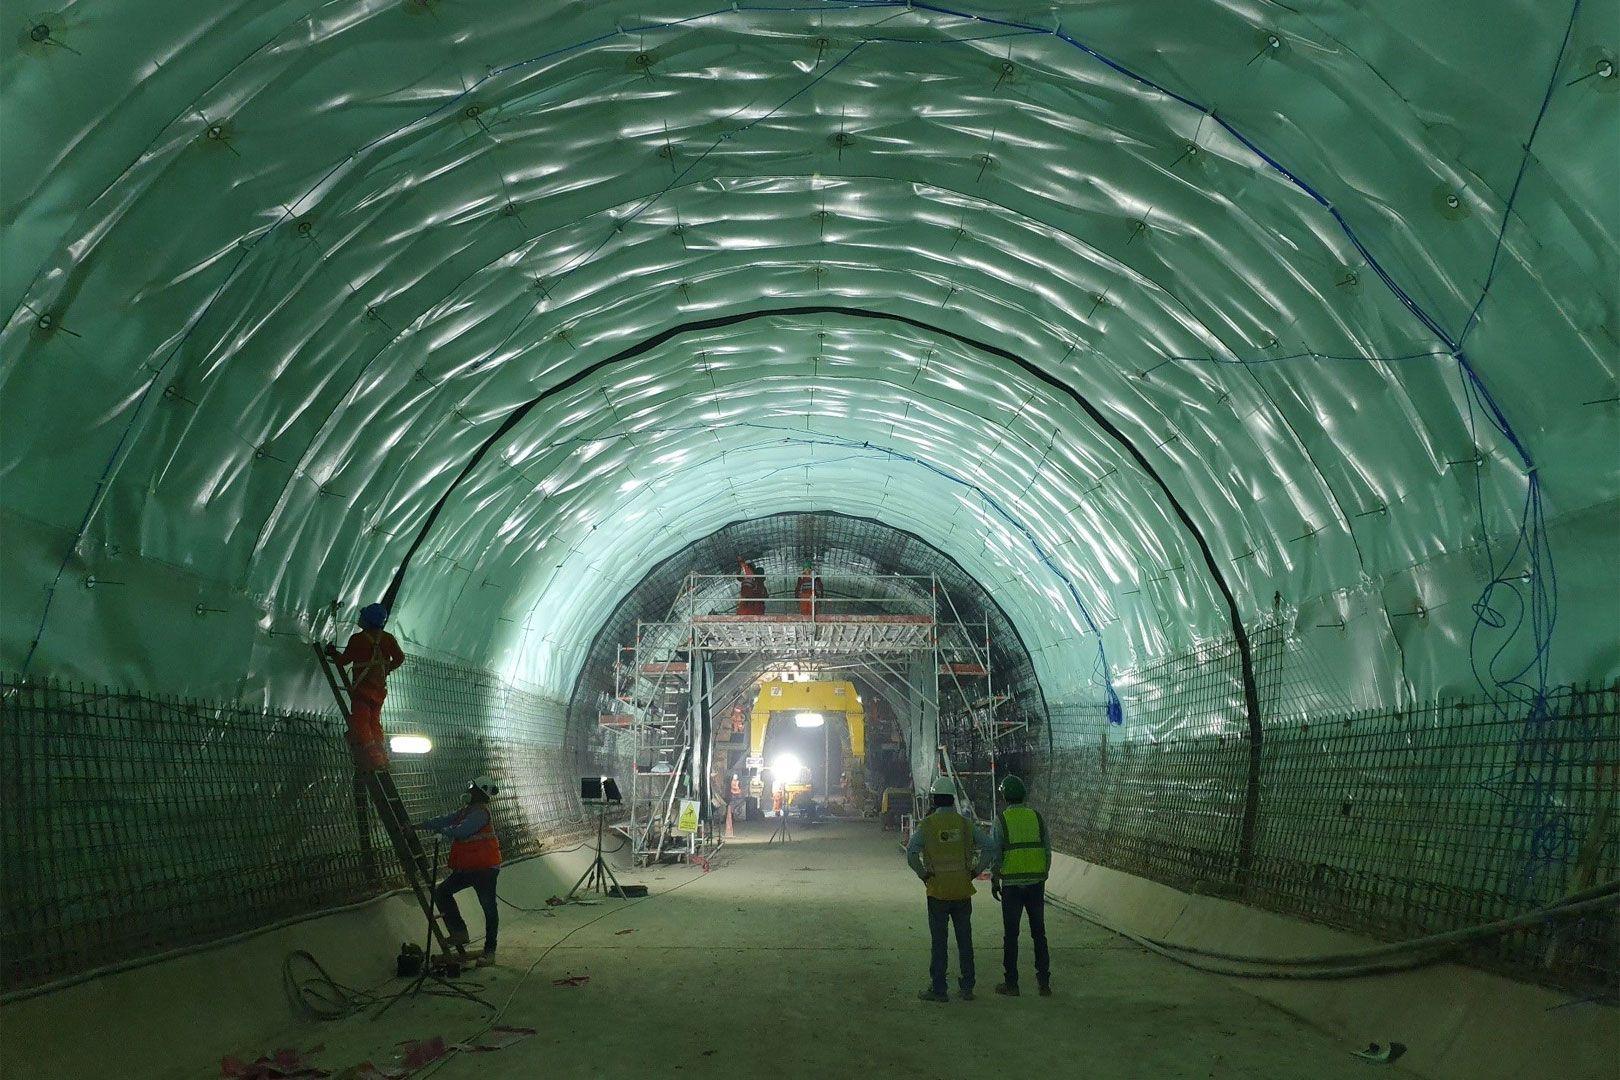 Tunnel du métro de Lima, phase 1B (construction)